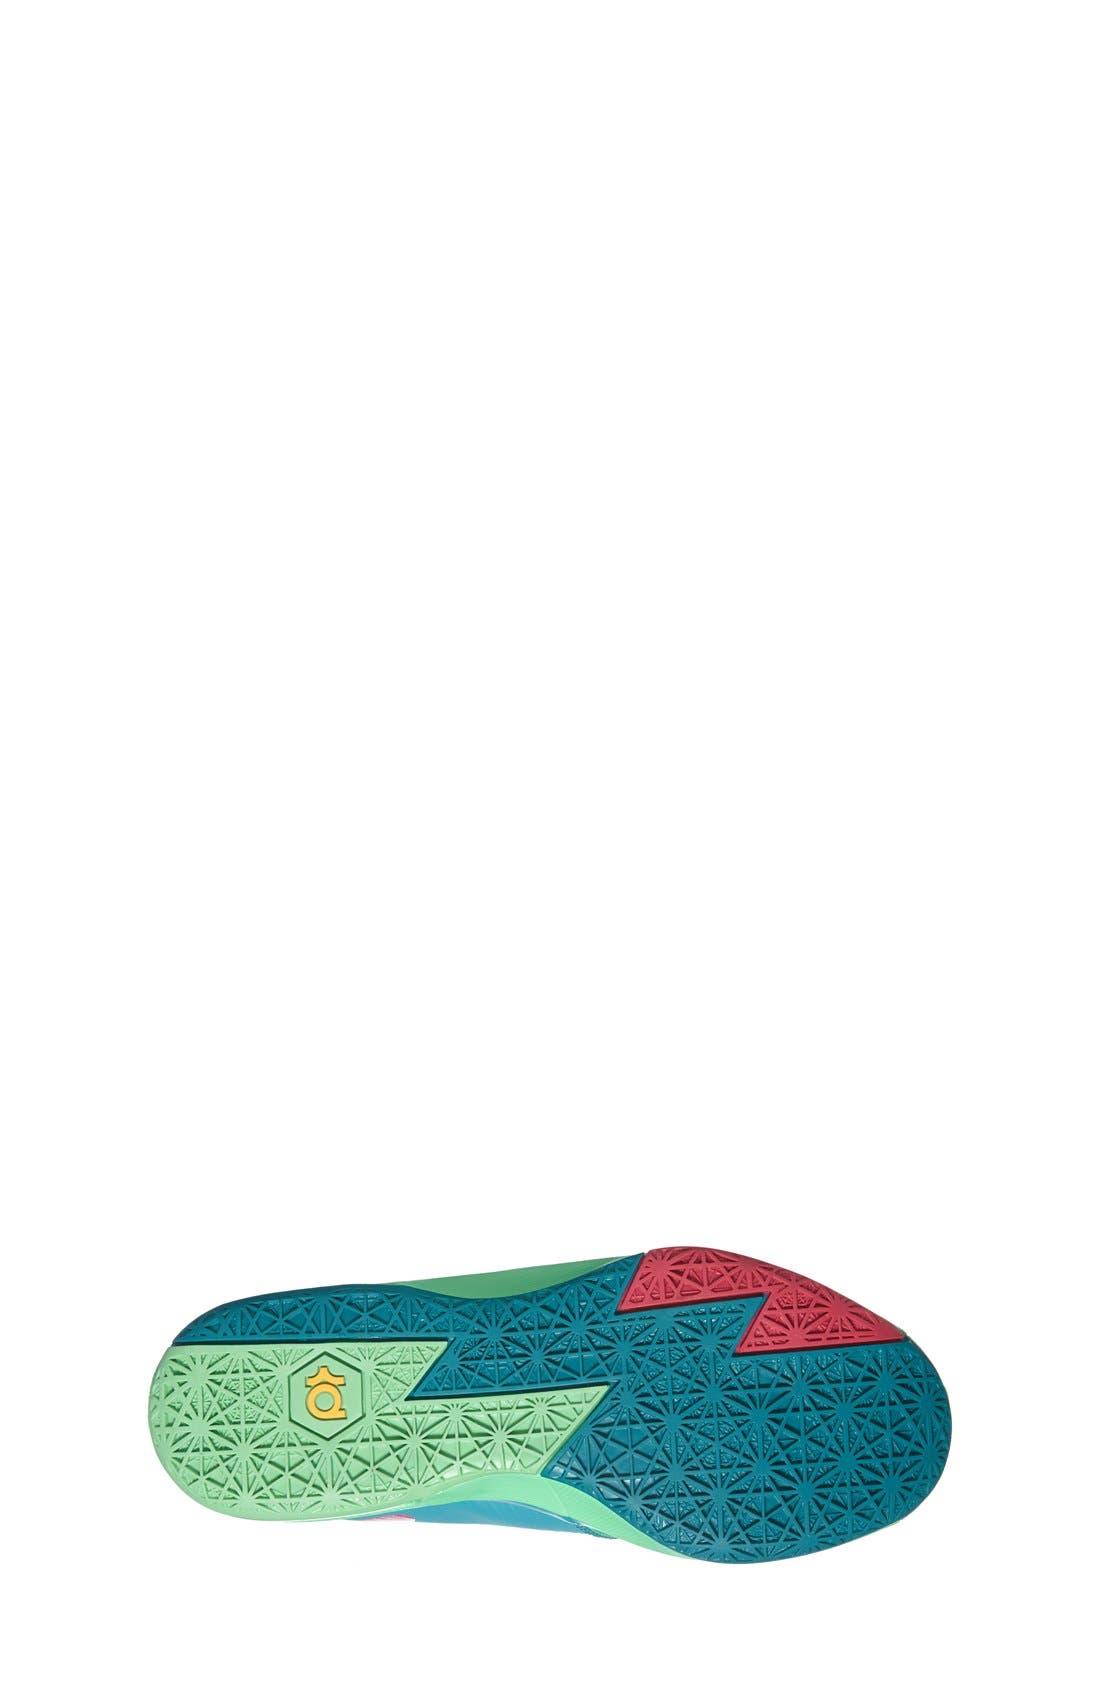 'KD VI' Basketball Shoe,                             Alternate thumbnail 2, color,                             304